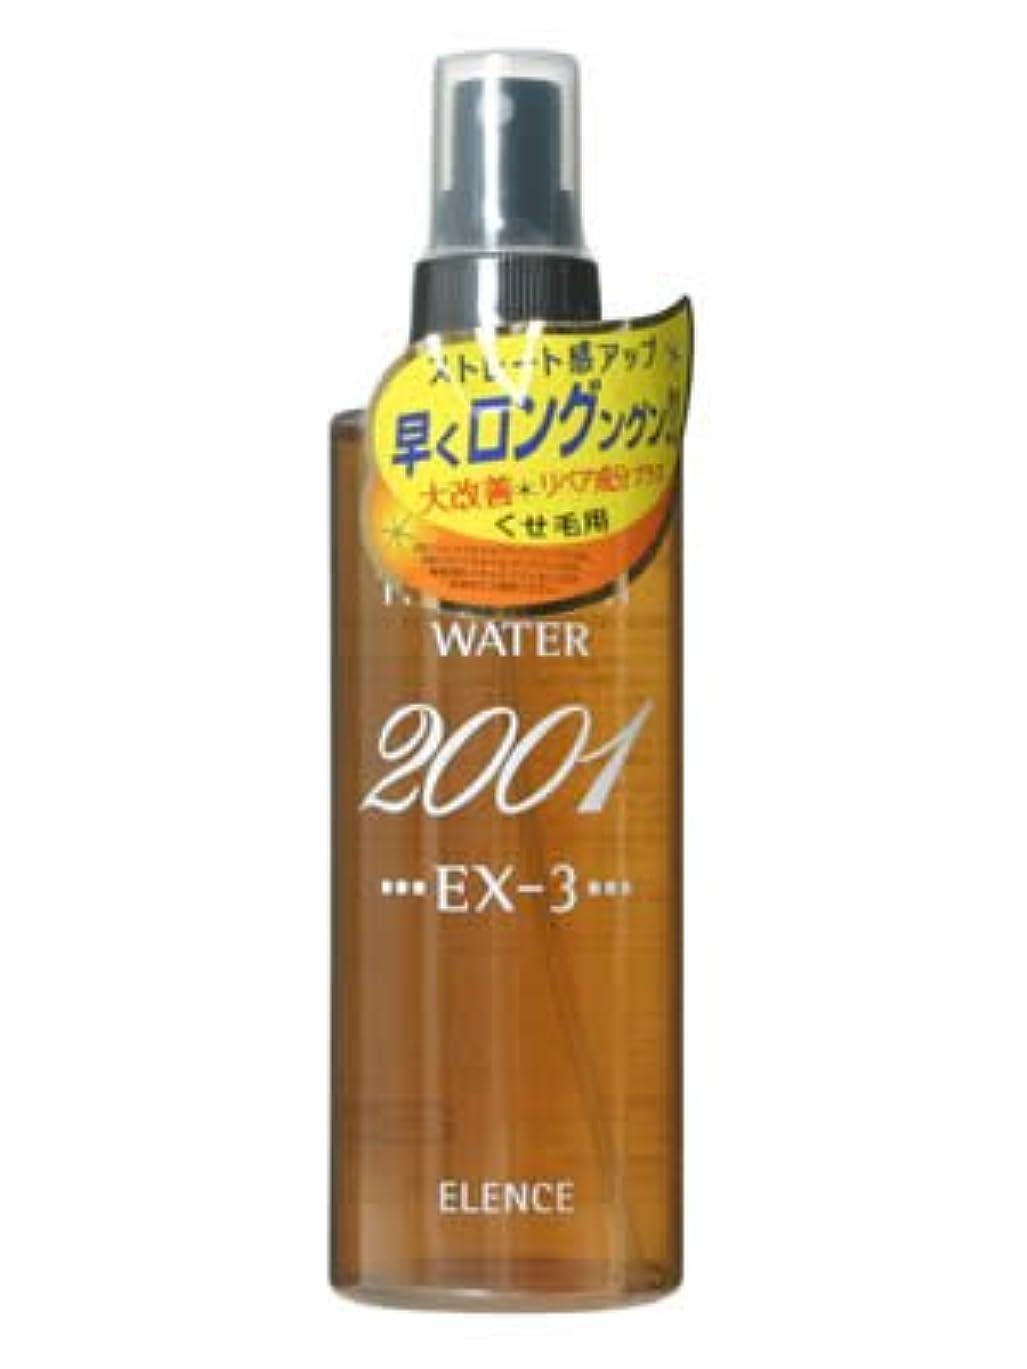 ボウル抗議機会エレンス2001 スキャルプトリートメントウォーターEX-3(くせ毛用)